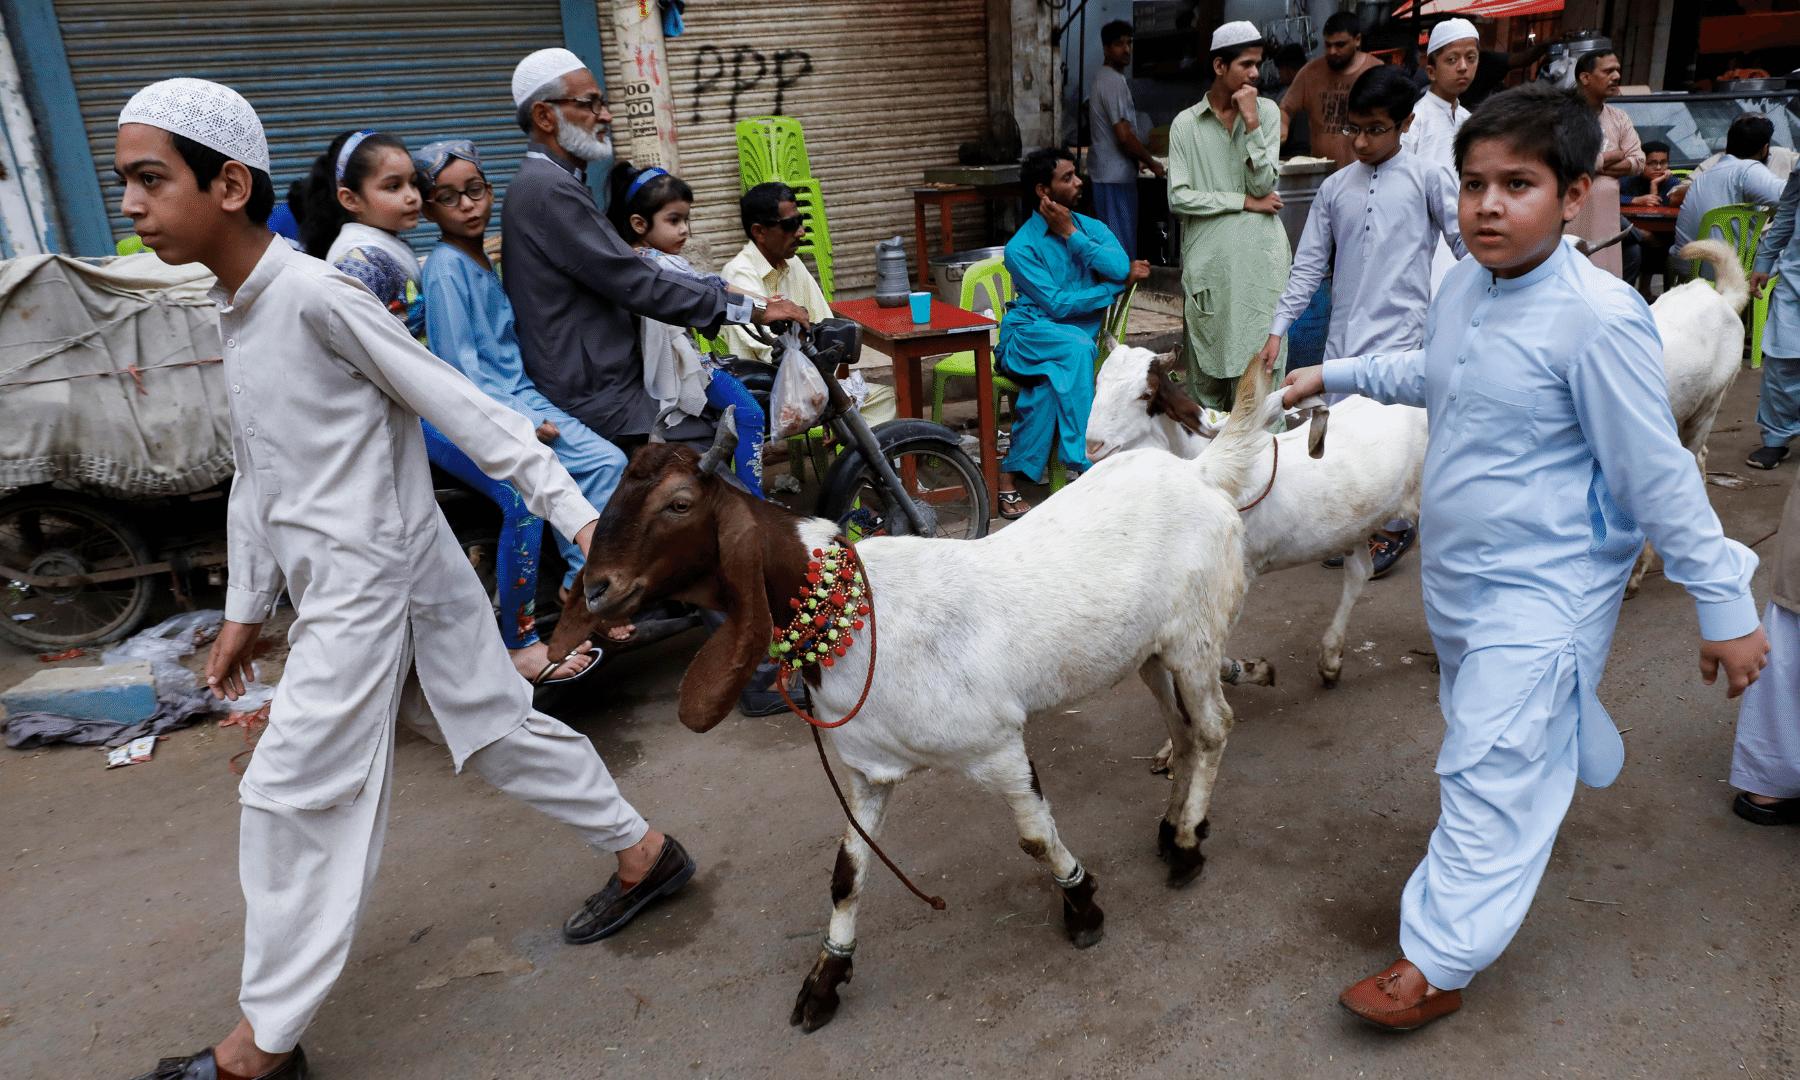 عیدالاضحیٰ کے موقع پر بچوں میں گائے بکروں کو ٹہلانے کے حوالے سے خصوصی جوش و خروش پایا جاتا ہے— فوٹو: رائٹرز